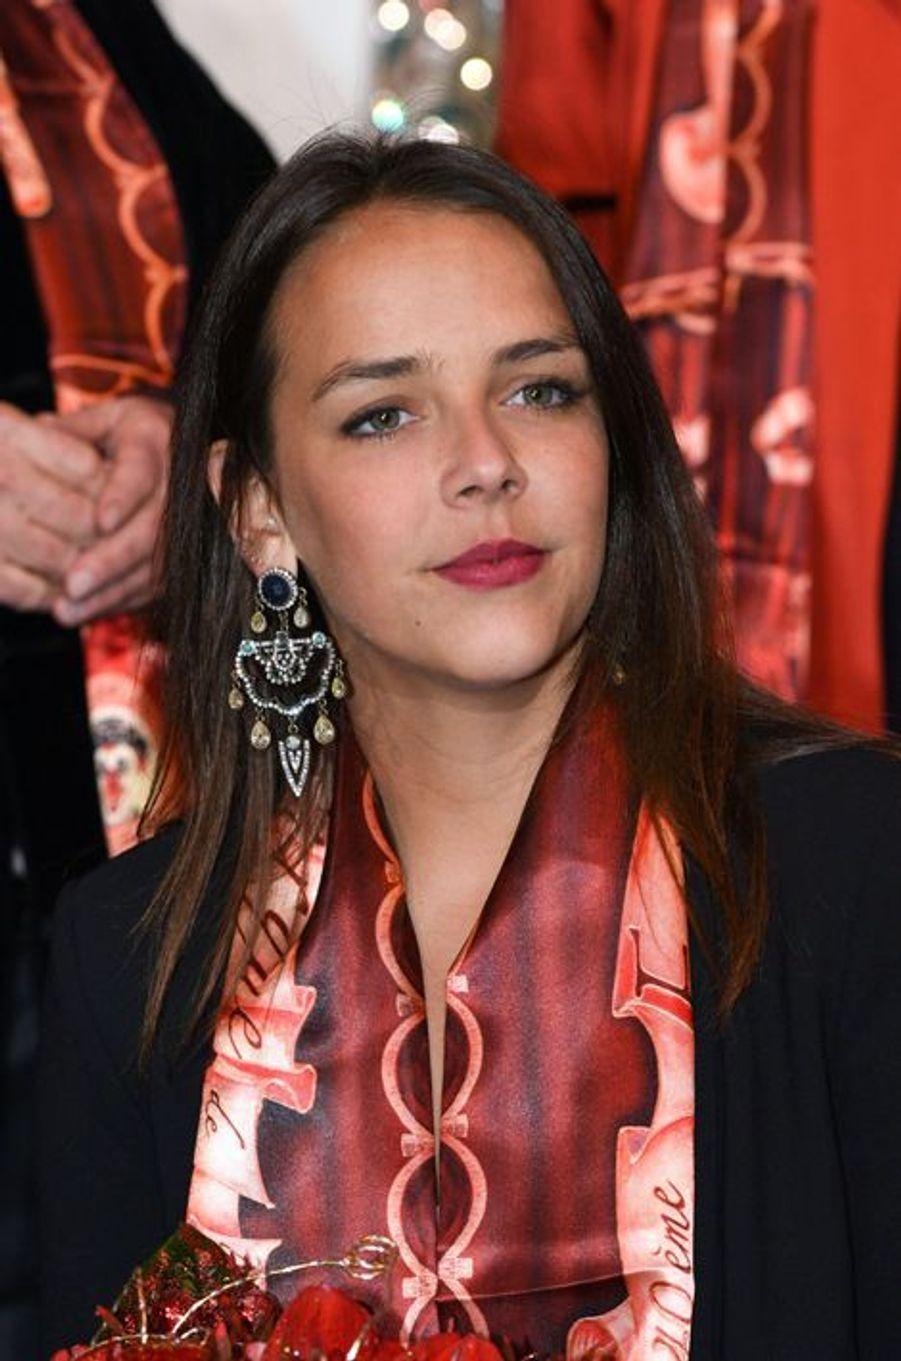 Pauline Ducruet au 40e Festival international du cirque de Monte-Carlo à Monaco, le 14 janvier 2016